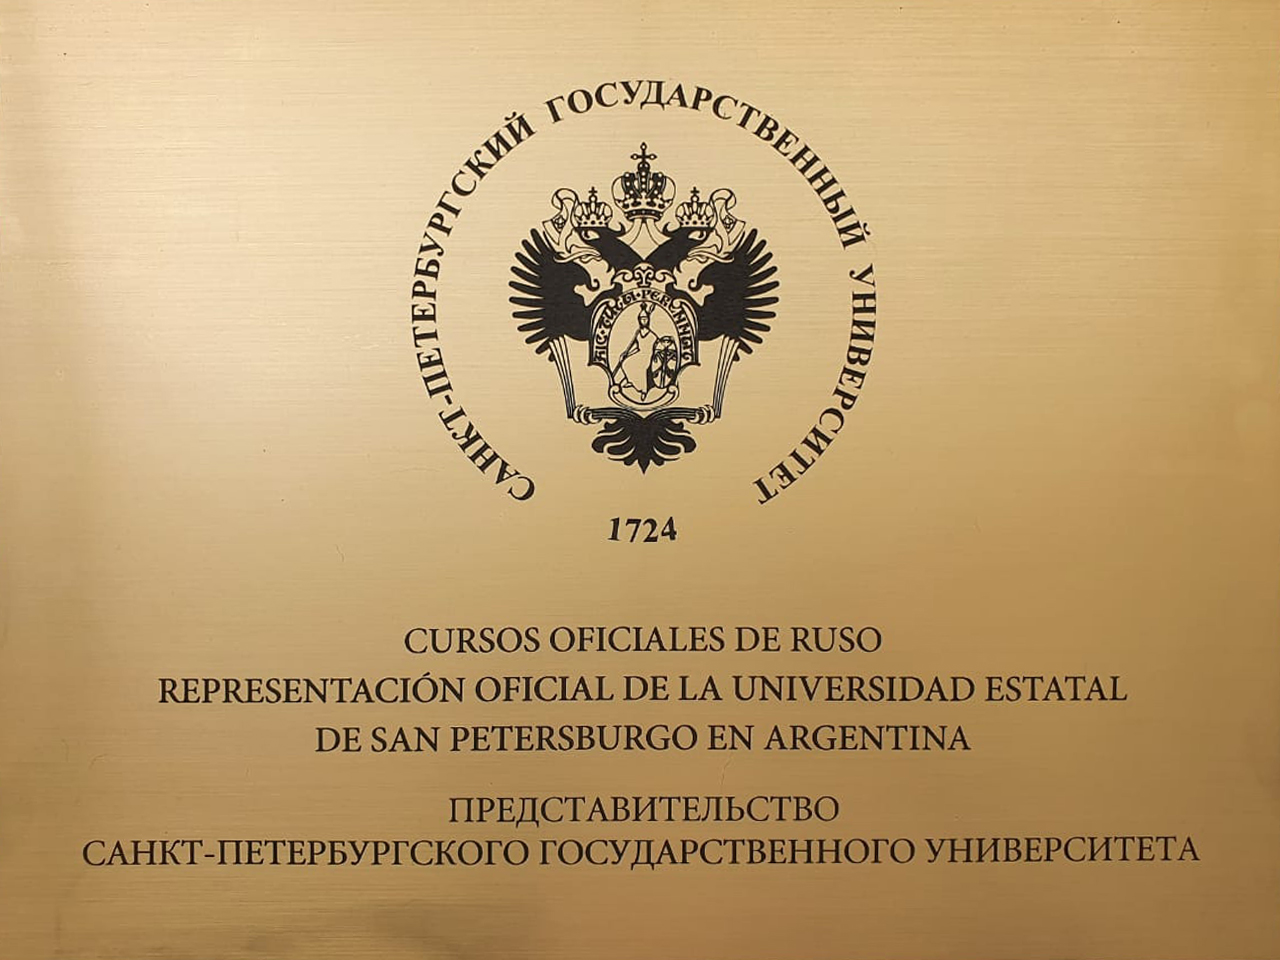 Placa de Cursos Oficiales de Ruso